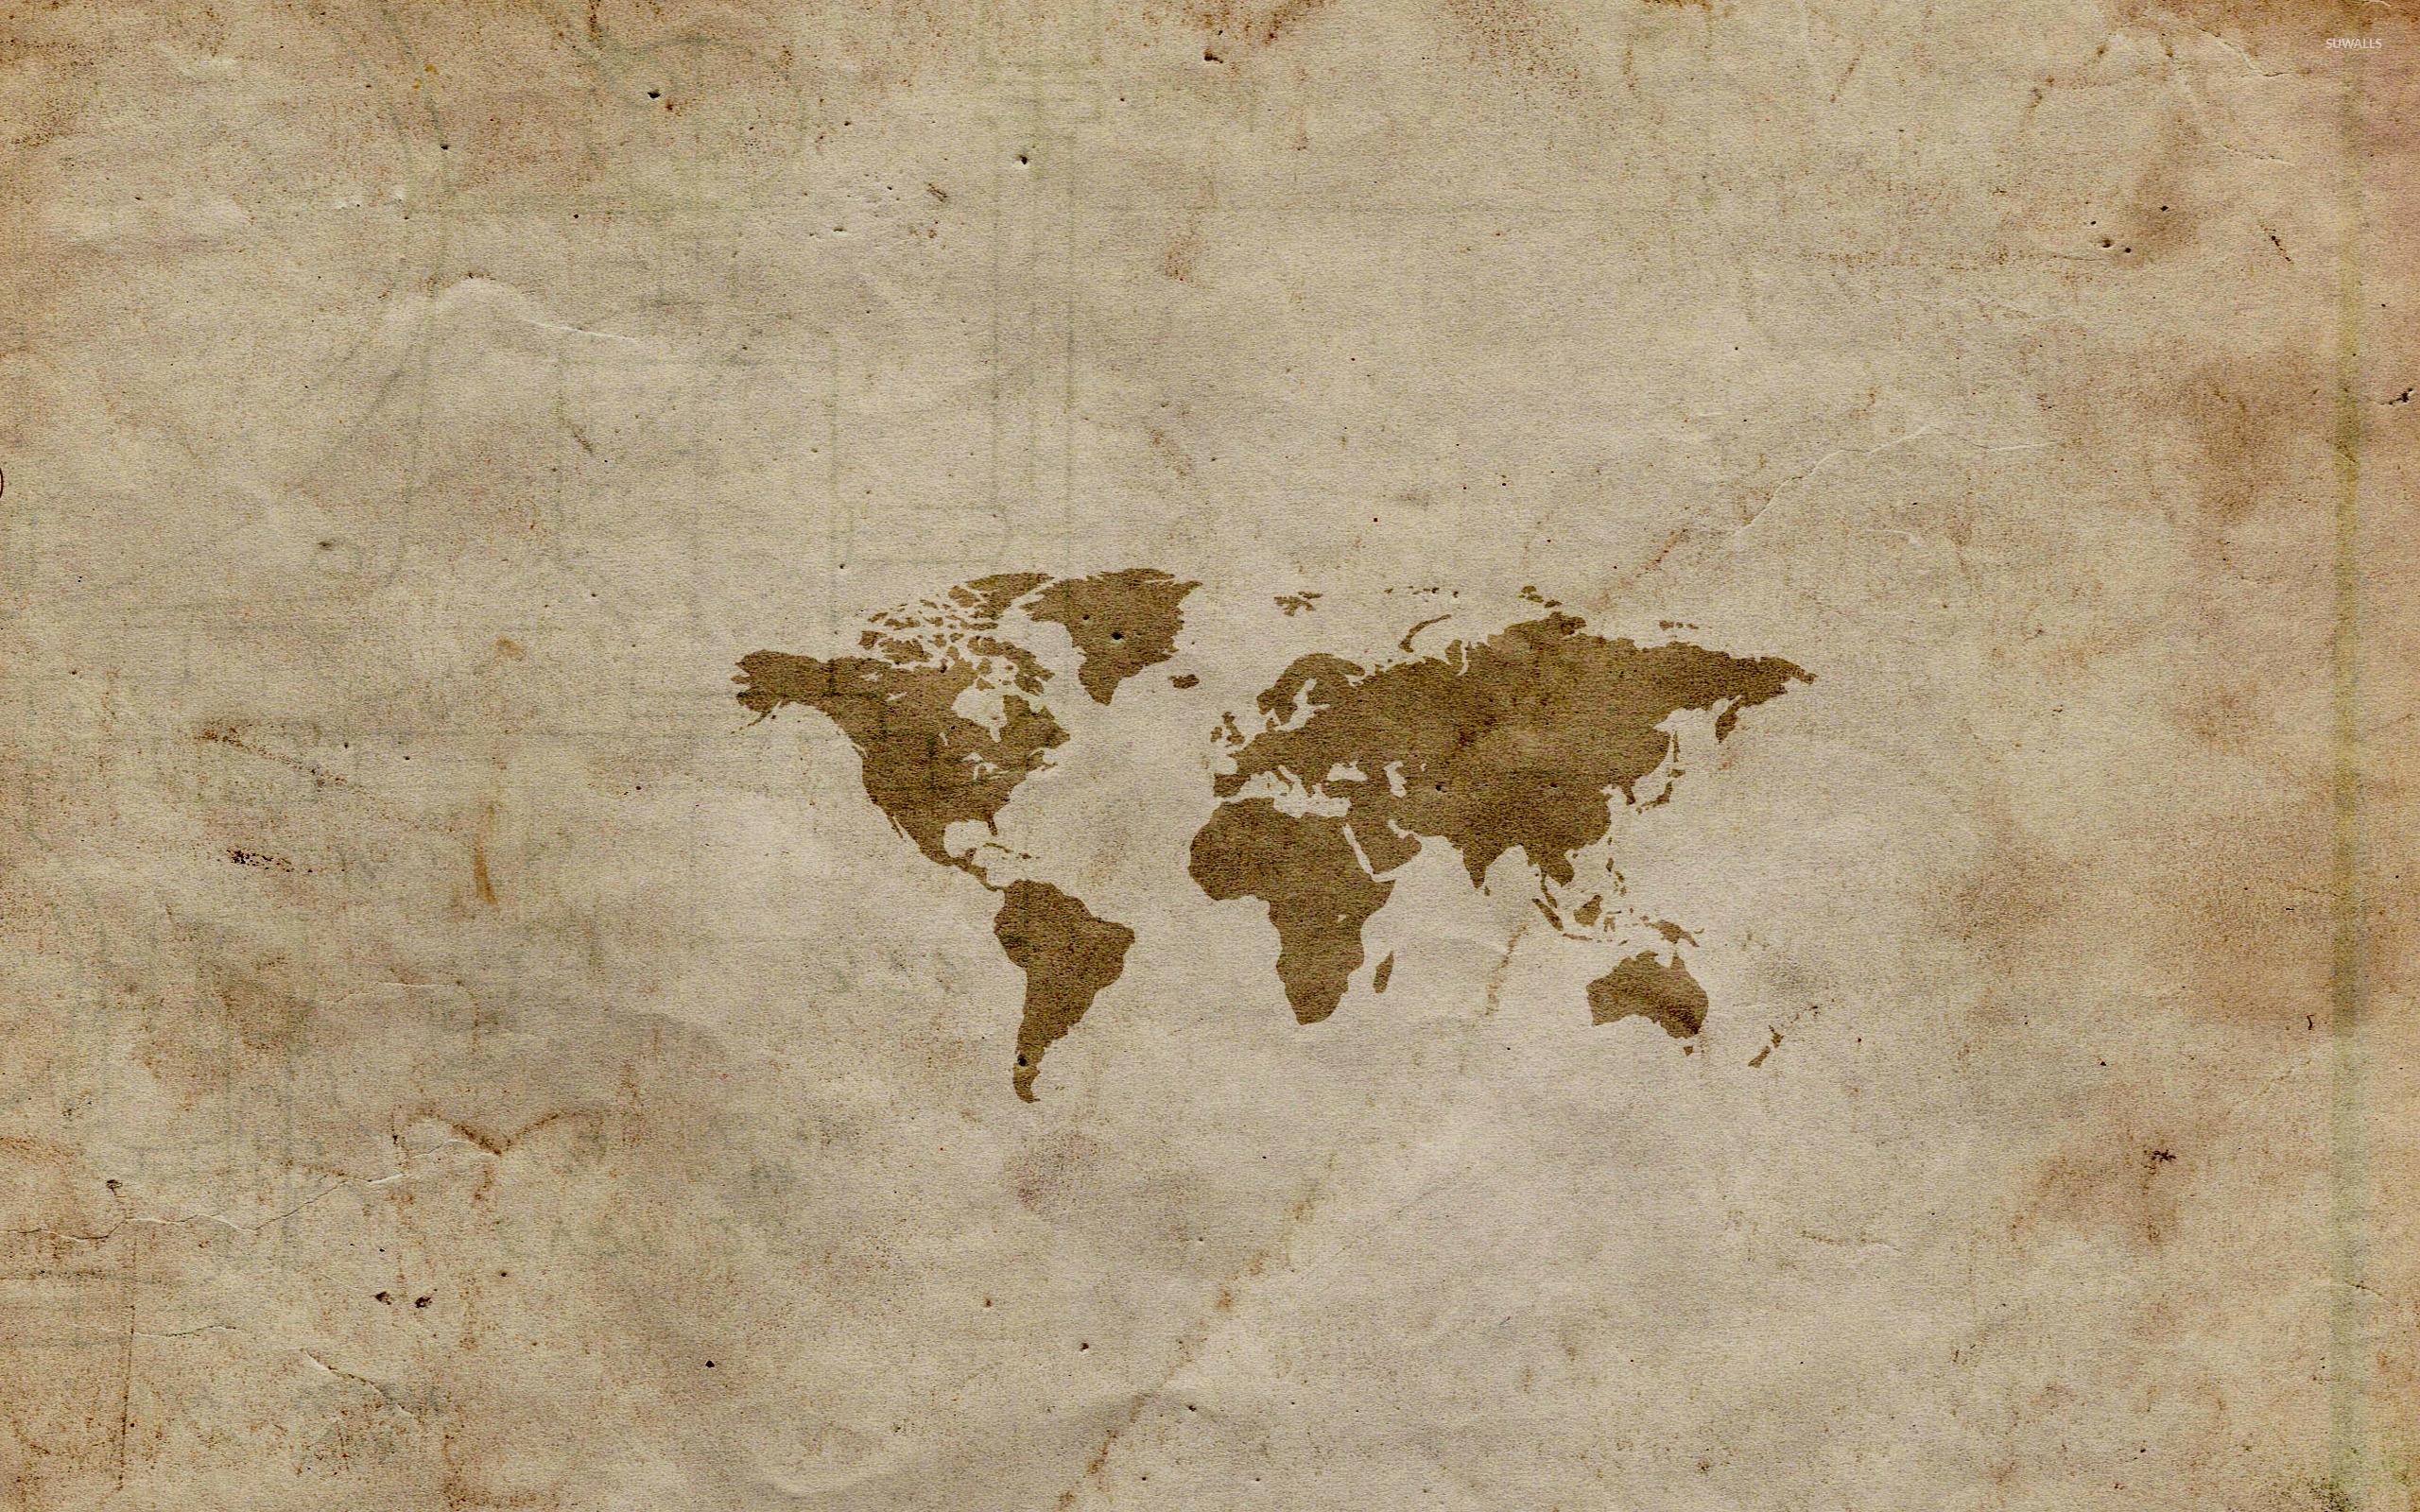 World map 3 wallpaper digital art wallpapers 43767 world map 3 wallpaper gumiabroncs Gallery